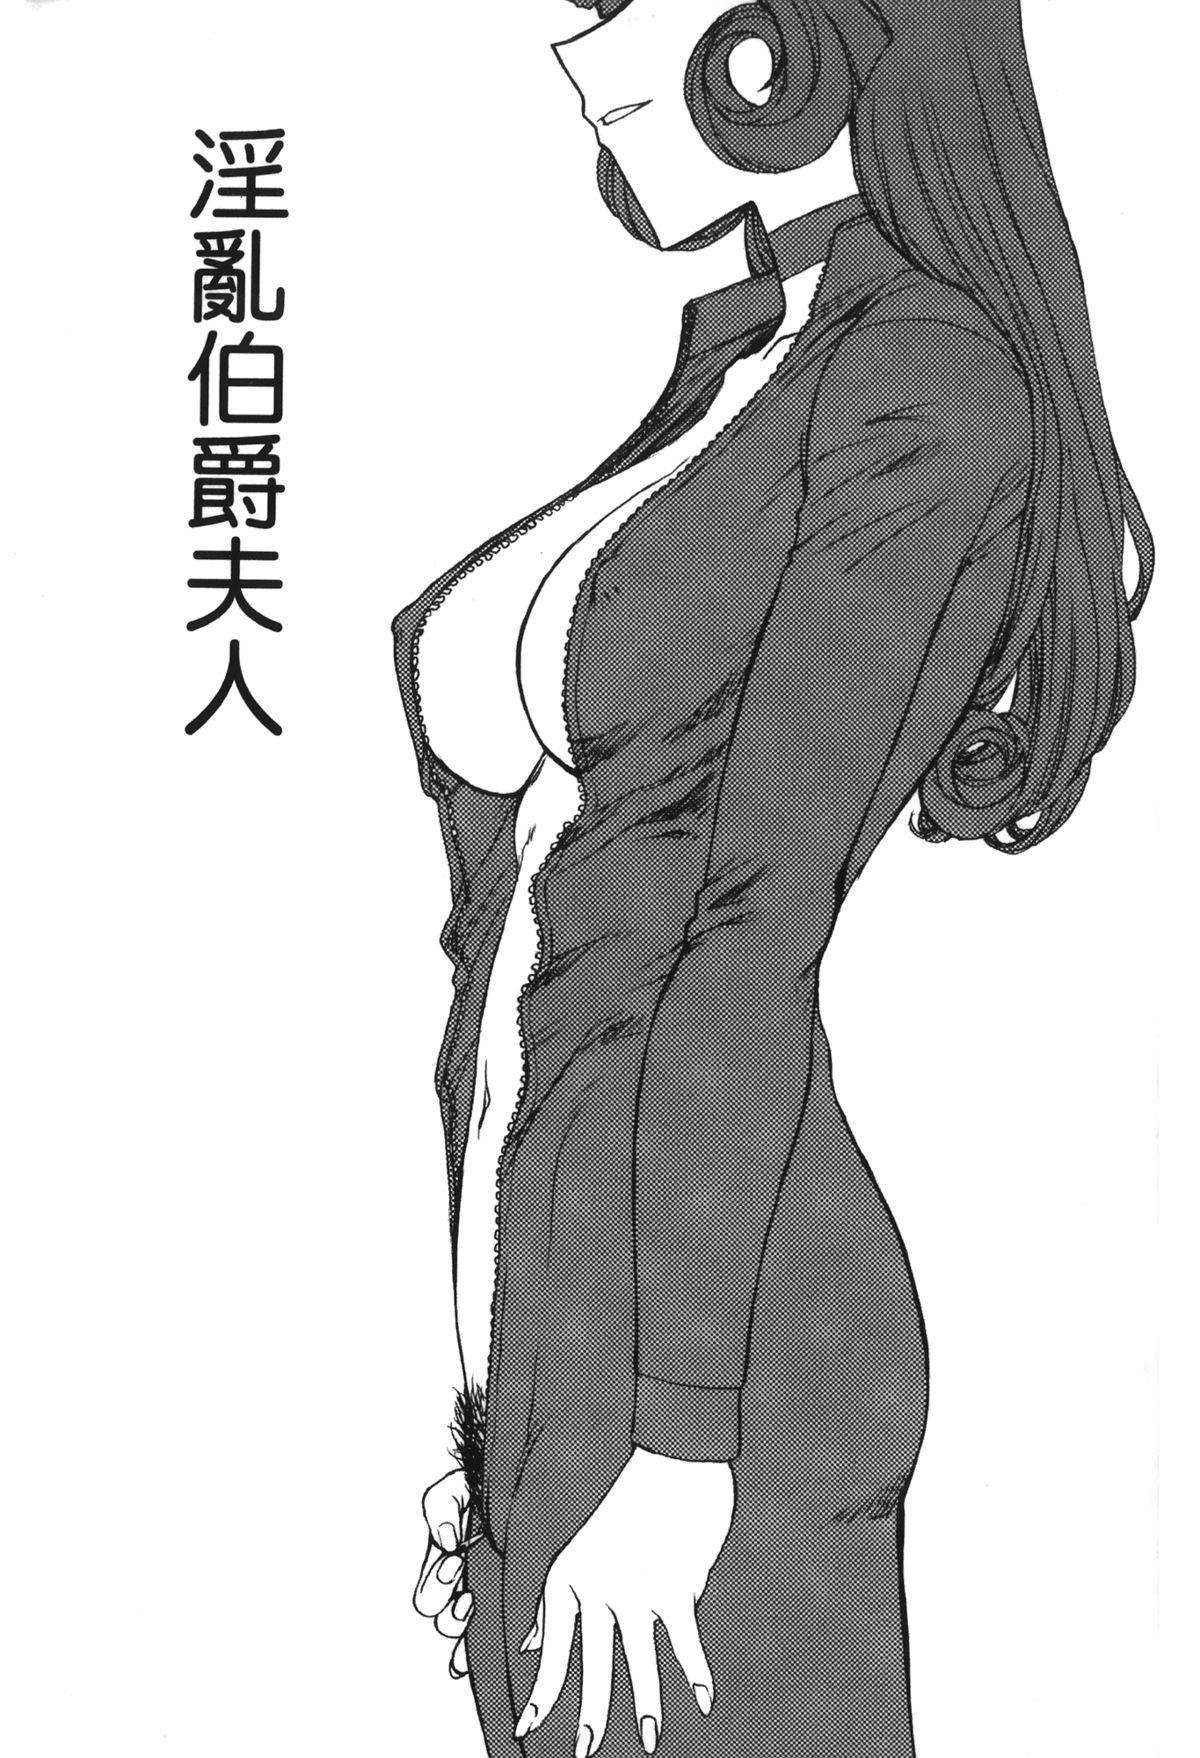 Detective Assistant Vol. 13 1